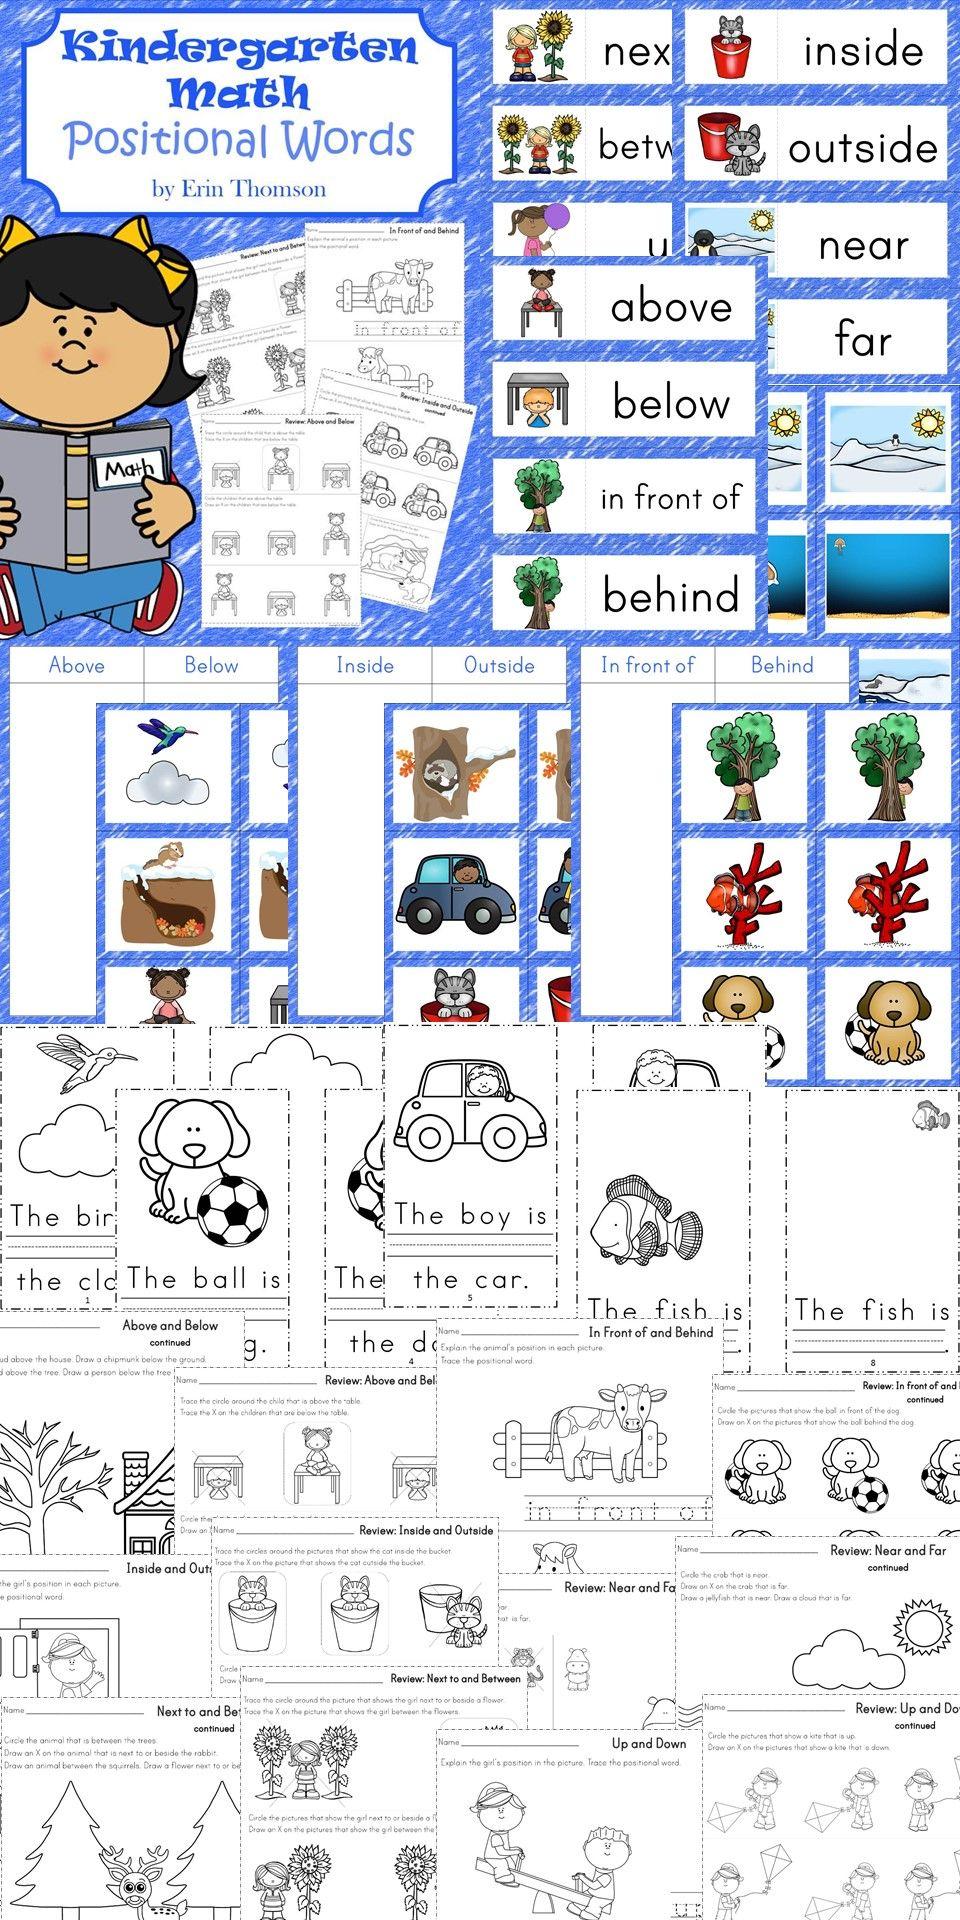 Kindergarten Math ~ Positional Words | Pinterest | Prepositions ...